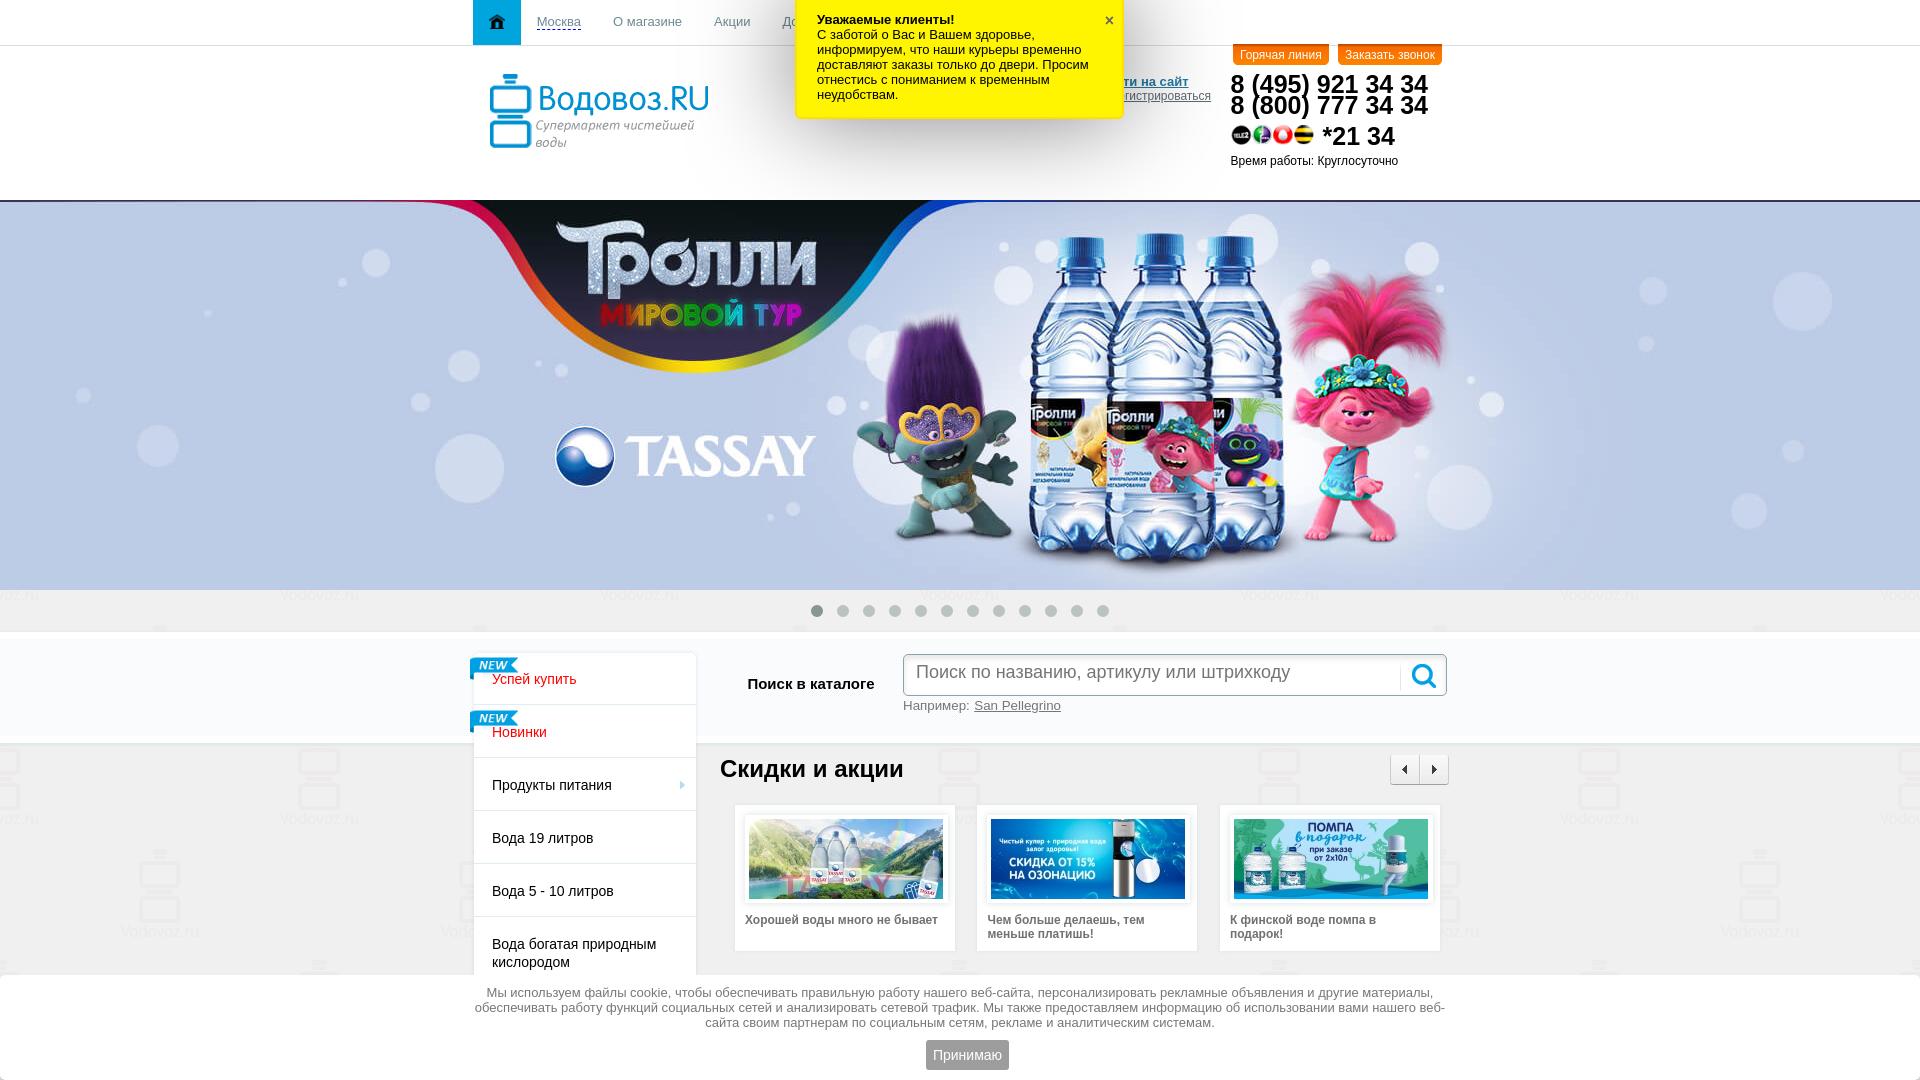 vodovoz website